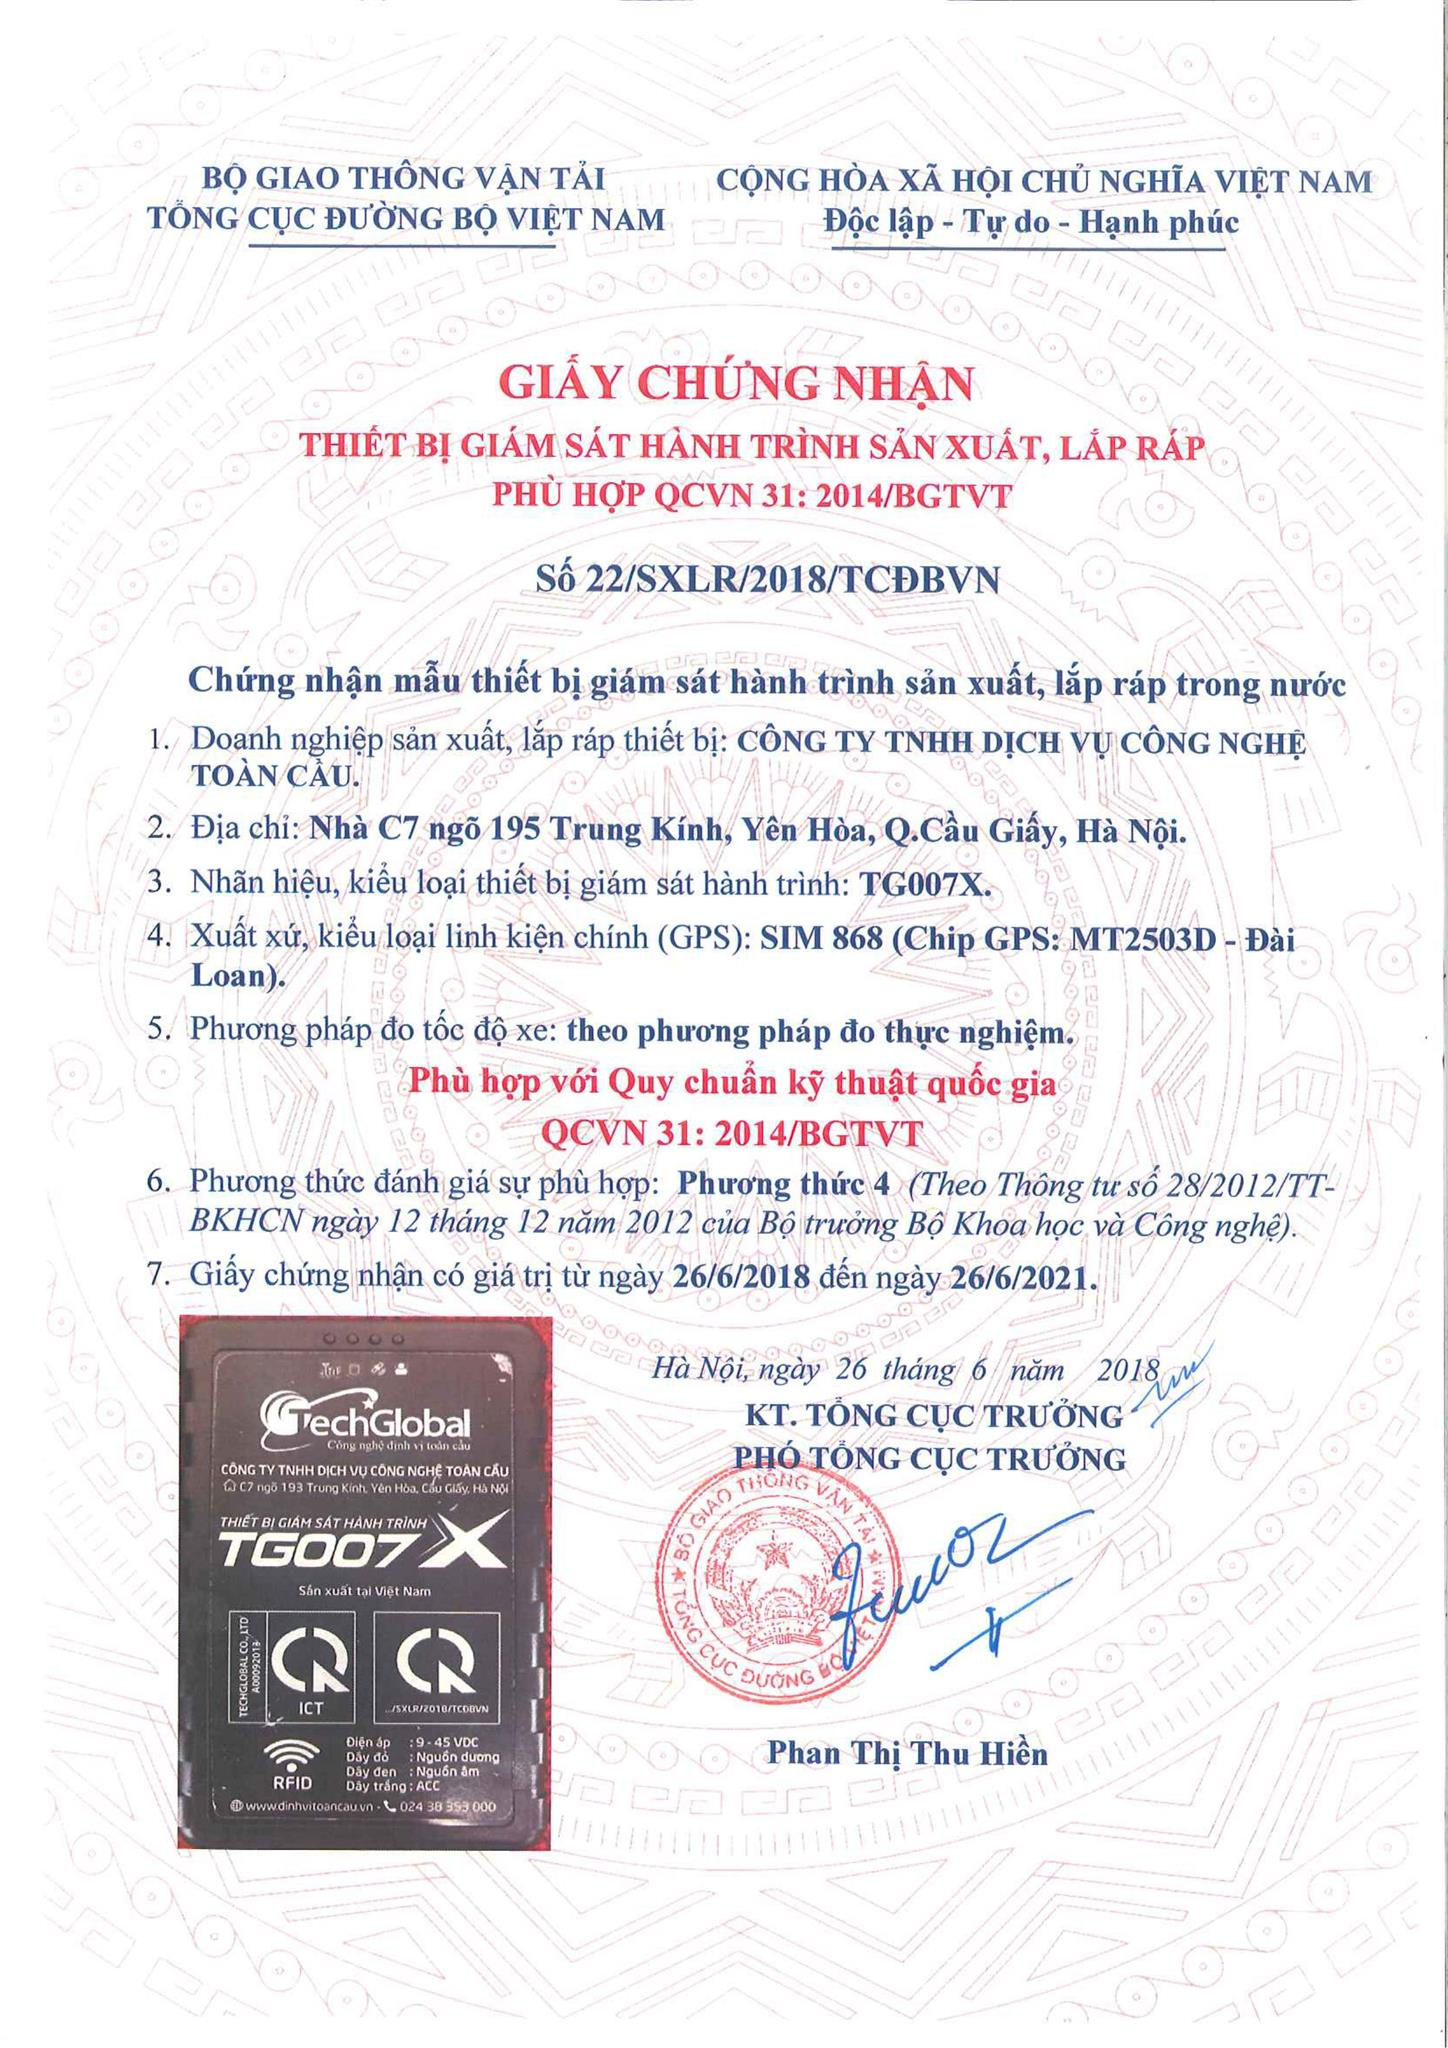 TG007X được cấp chứng nhận hợp chuẩn QCVN31:2014/BGTVT